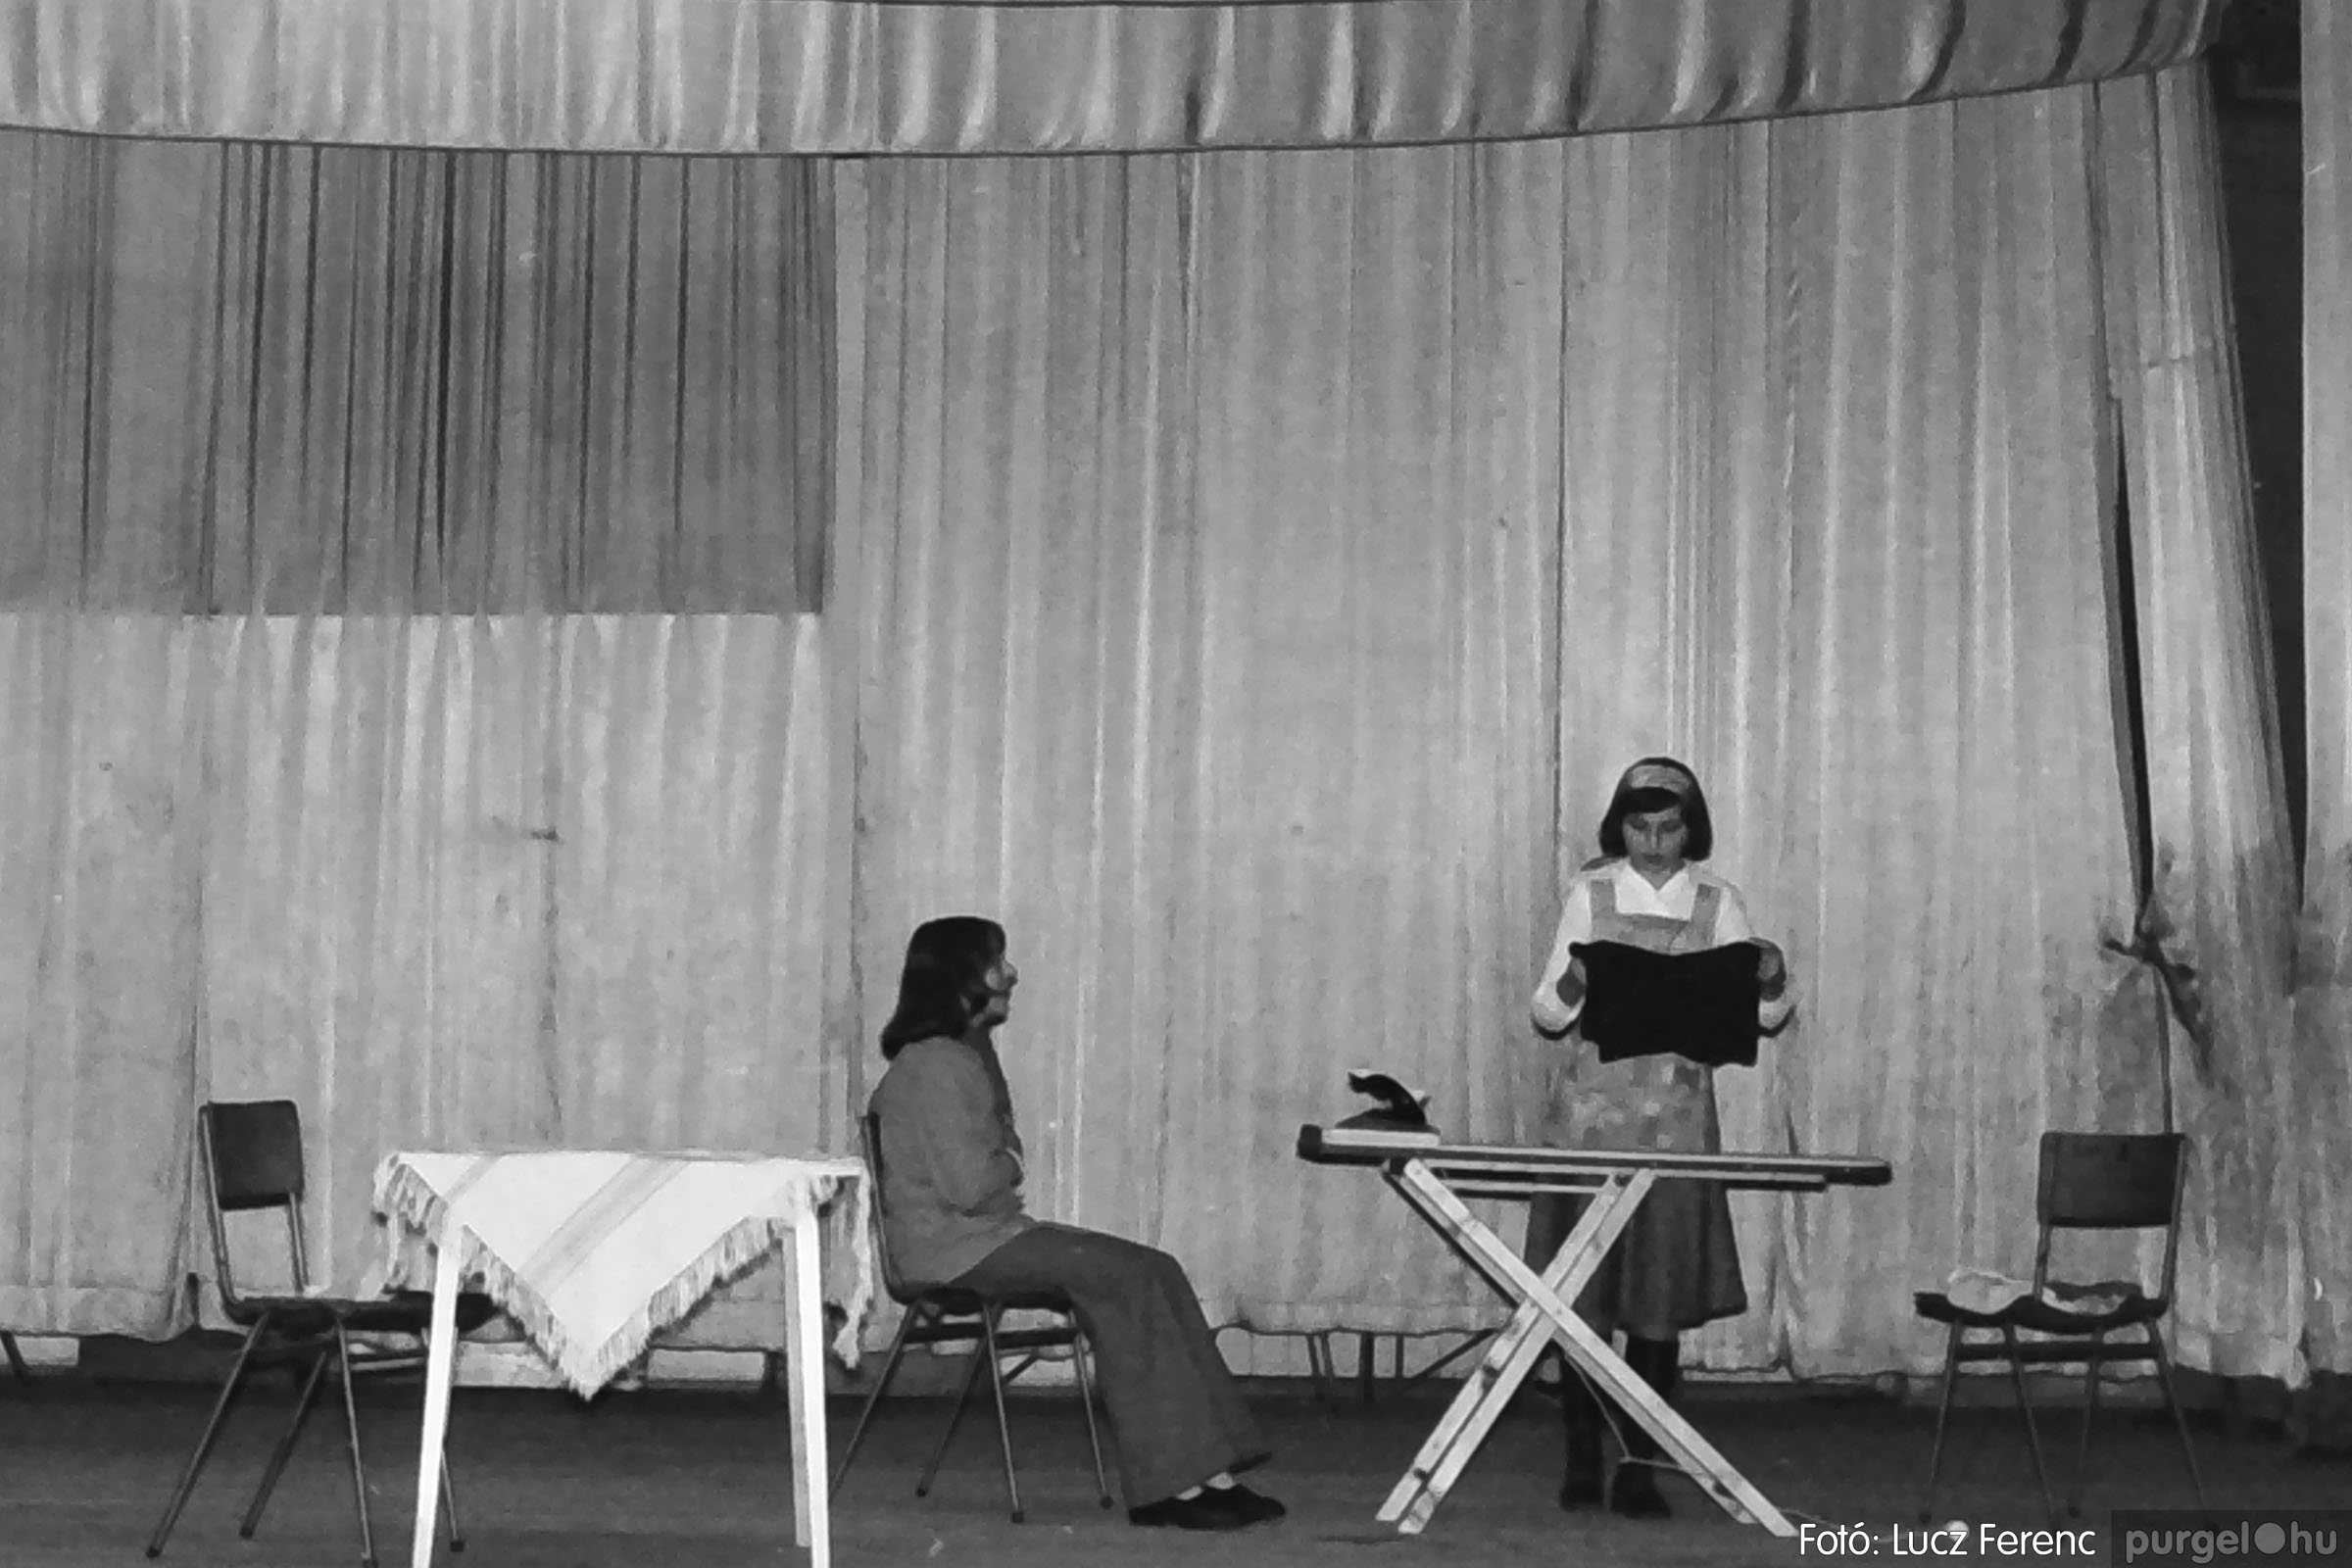 036-037. 1976. Diákprogram a kultúrházban 024 - Fotó: Lucz Ferenc.jpg